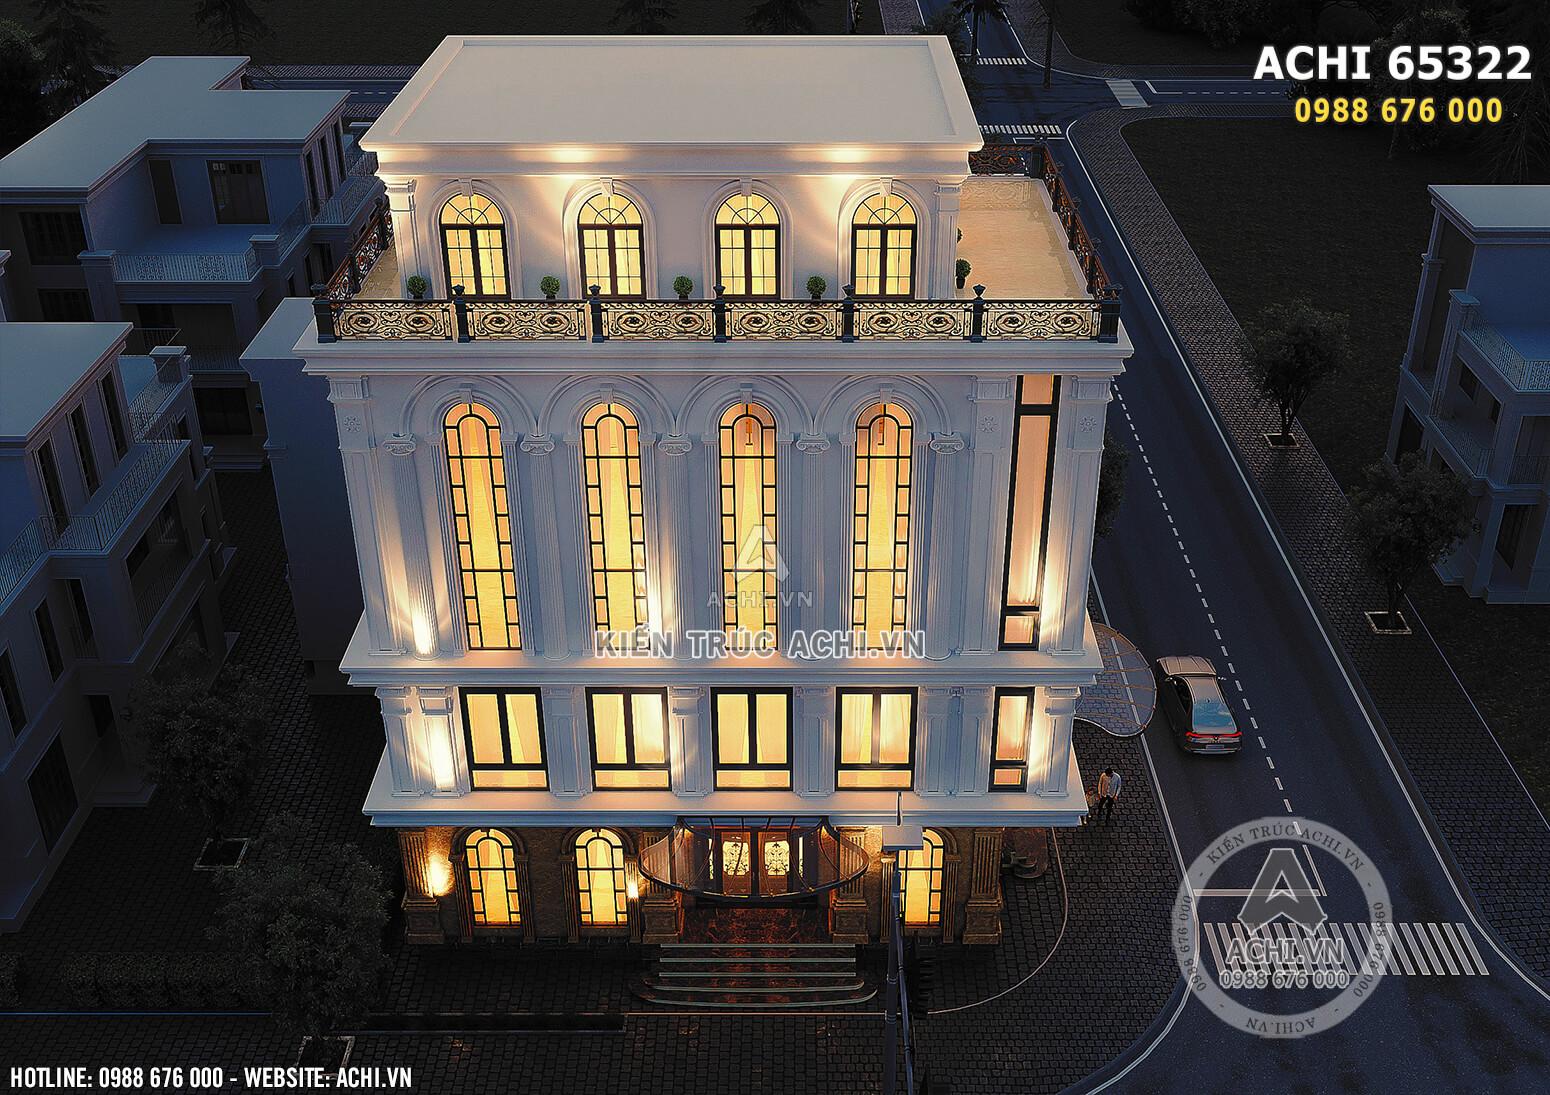 Hình ảnh: Góc nhìn từ trên xuống của tòa nhà văn phòng thương mại - ACHI 65322